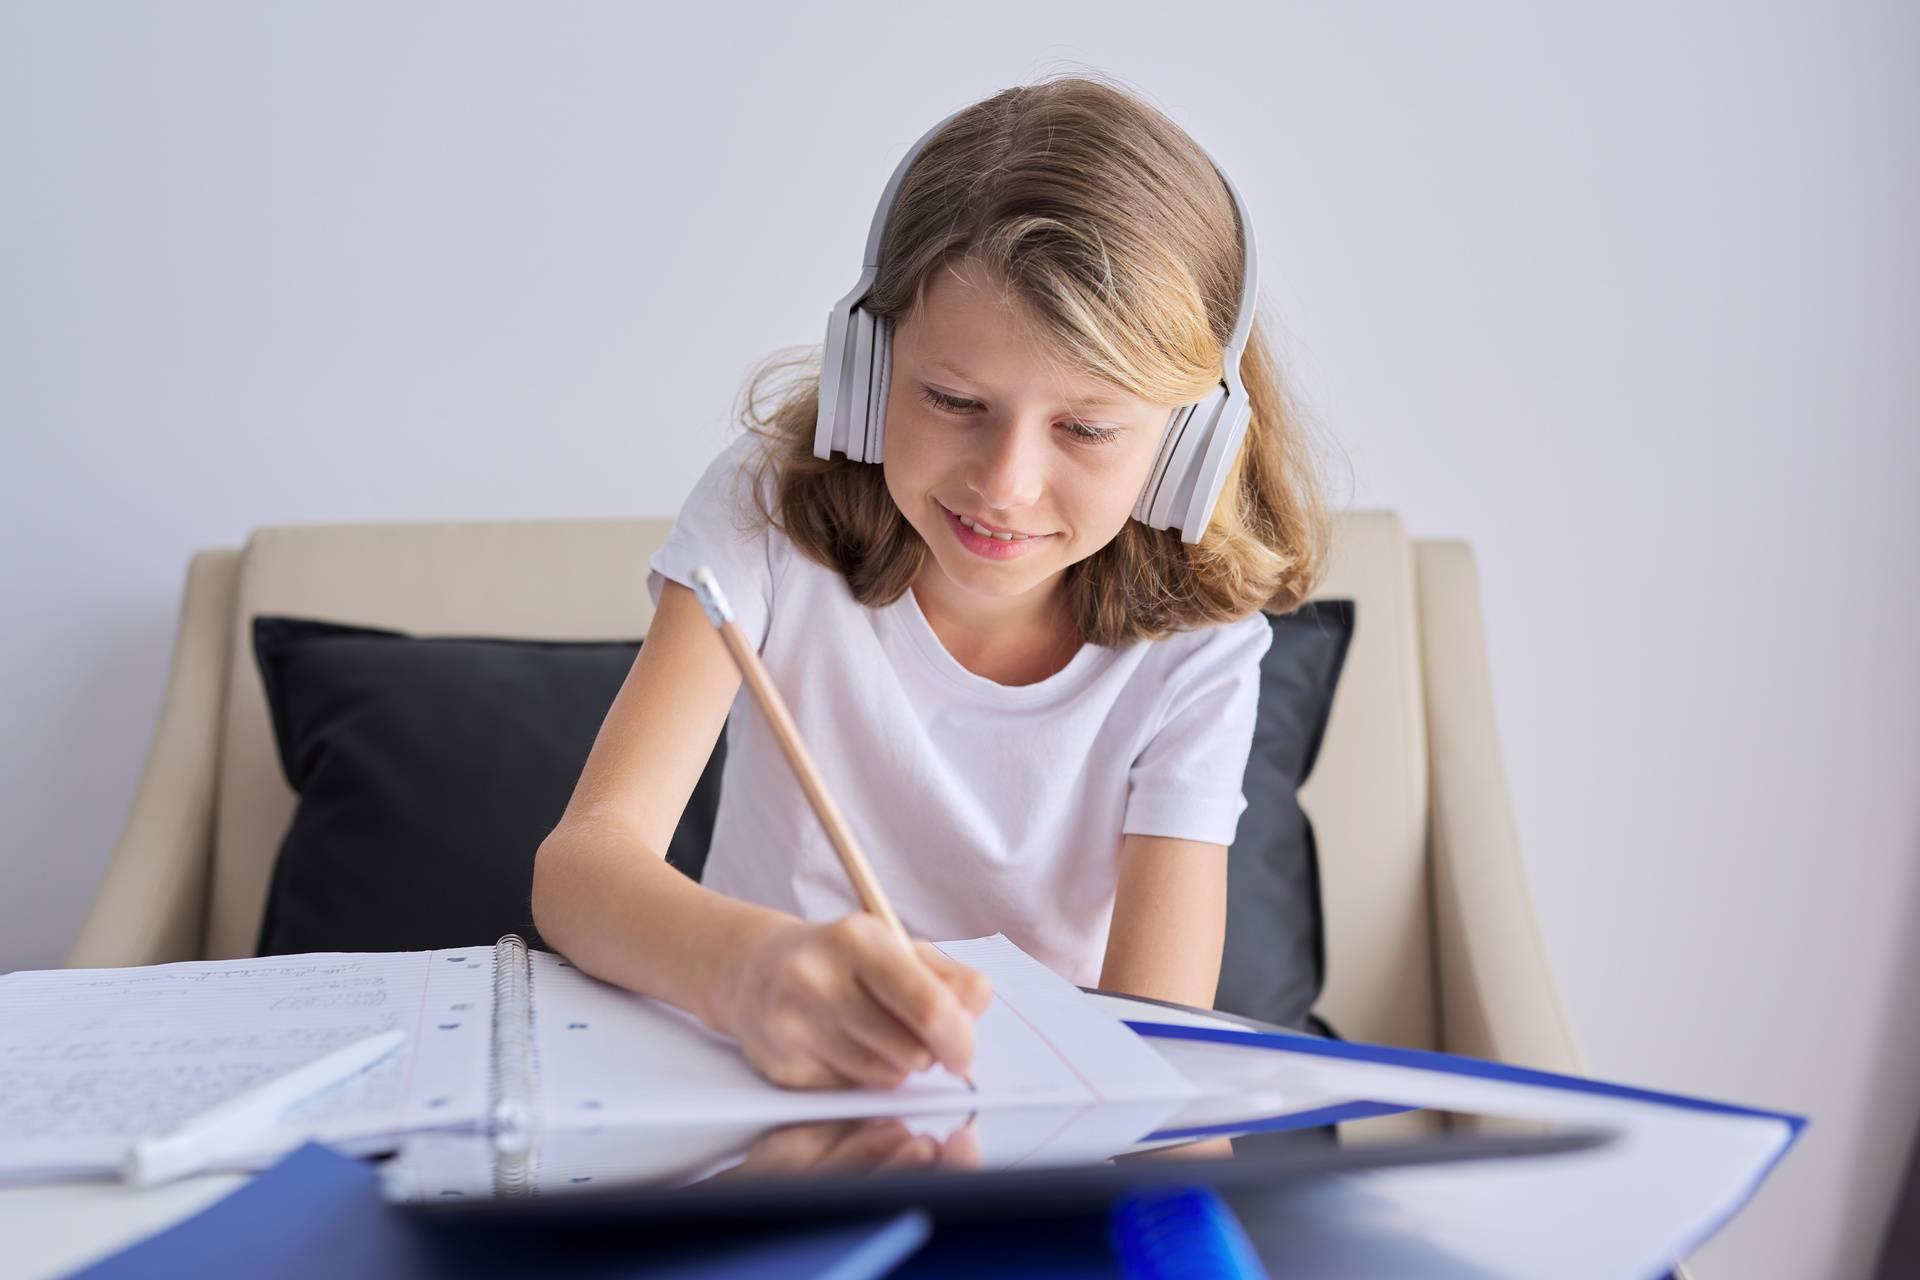 6 načina da motivirate dijete na online učenje: Uz pauze i poticaj ono će učiti sve samostalnije